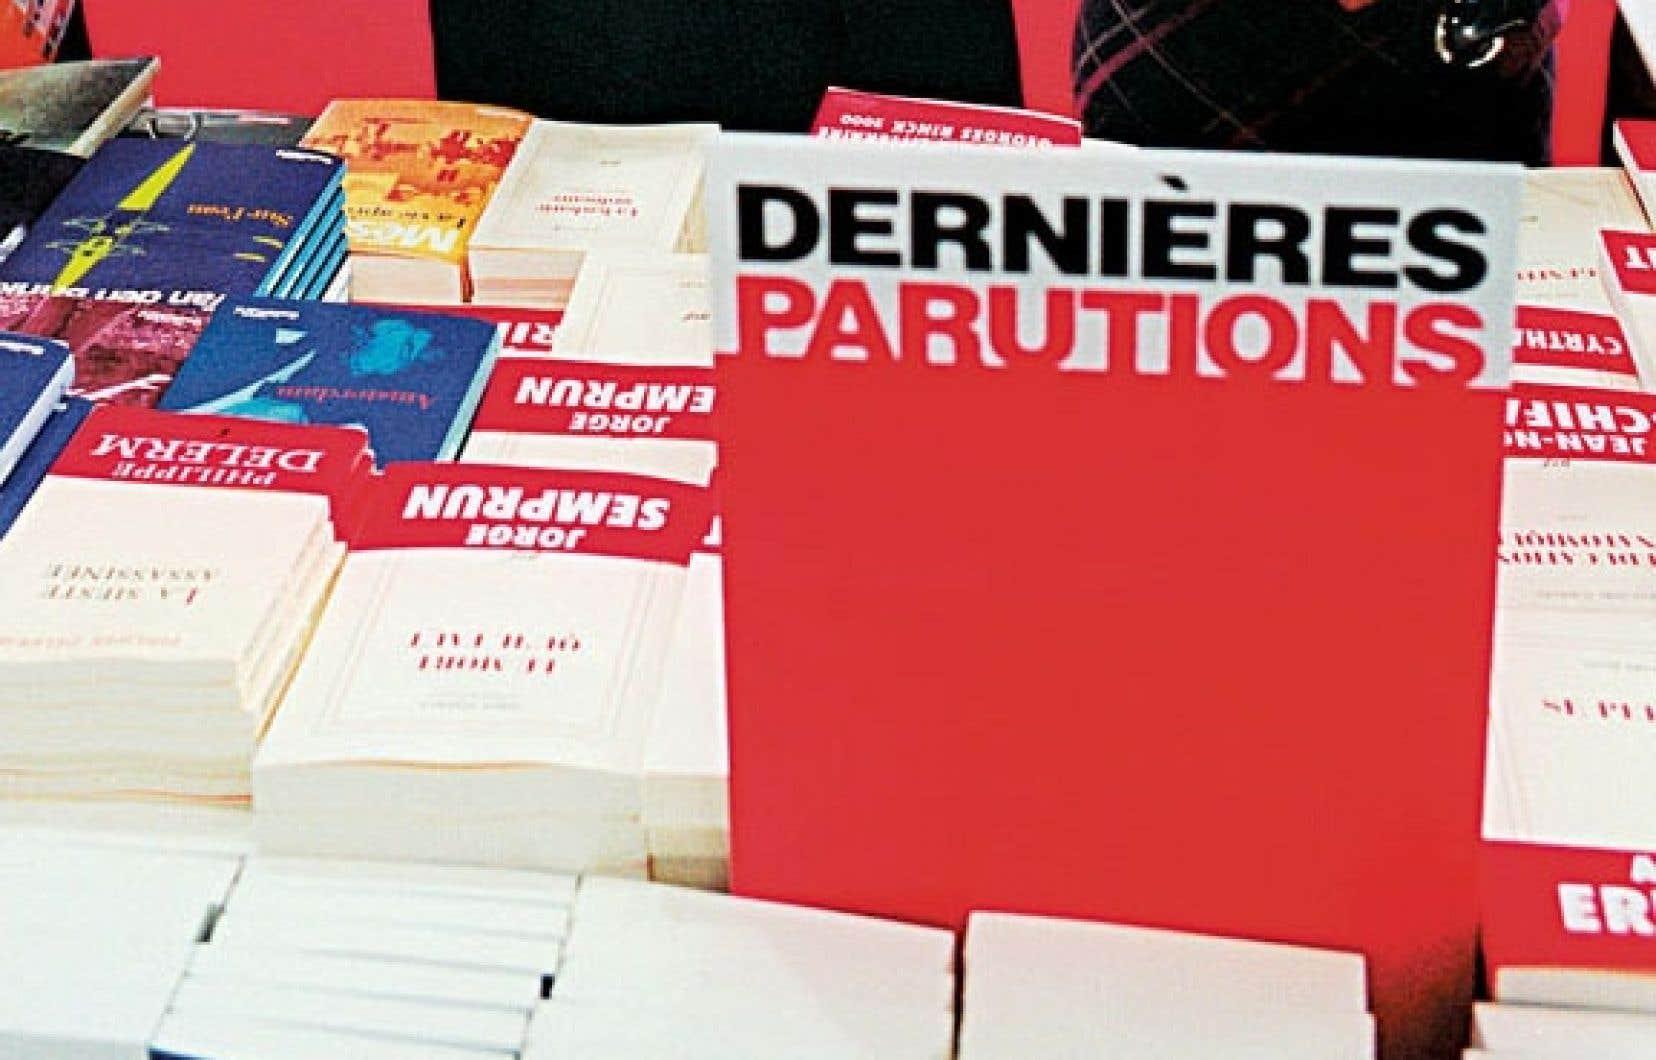 Maison centenaire, Gallimard est à situer par son chiffre d'affaires juste derrière Hachette, propriété du groupe Lagardère, et Editis, propriété de Planeta.